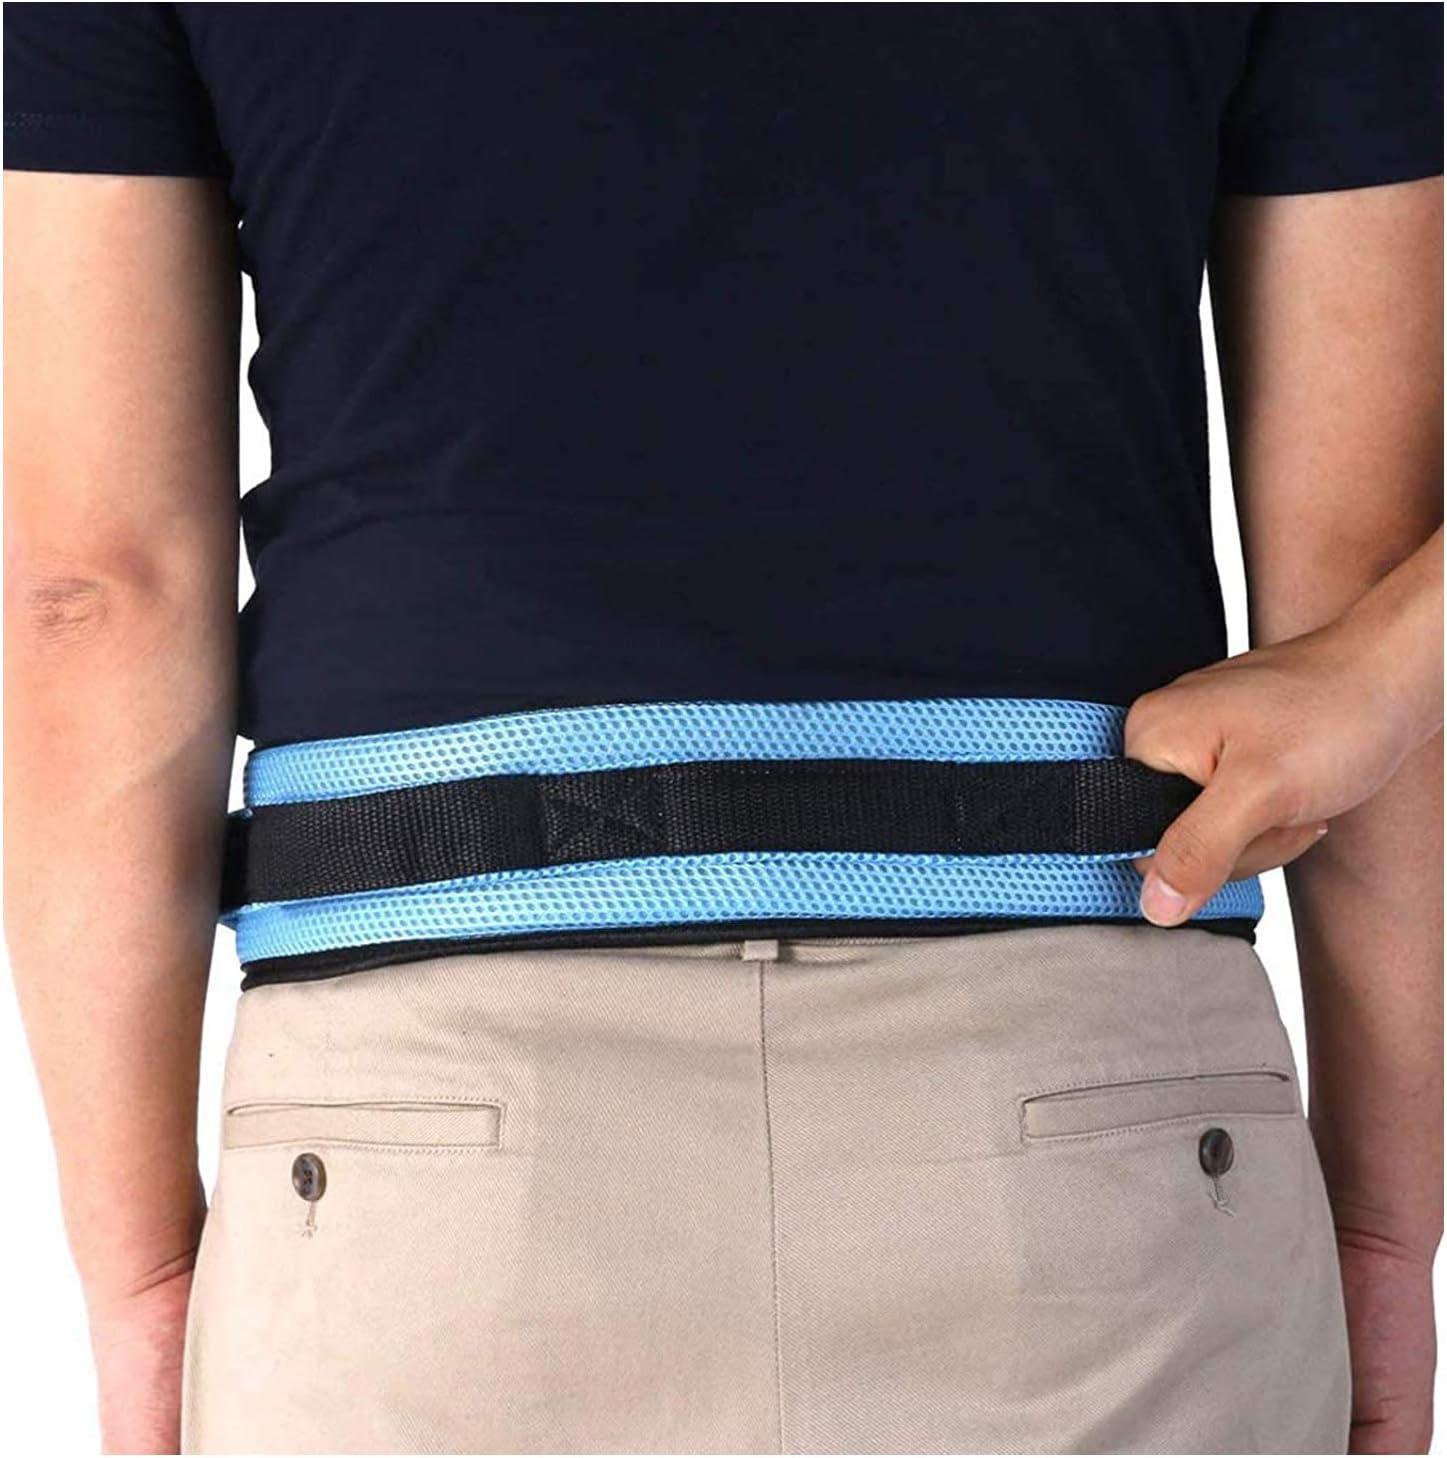 SSCYHT Cinturón Transferencia con Asas Cinturón Marcha Acolchado Ayuda para Caminar y Pararse Tamaño Ajustable Hebilla Liberación Rápida Fácil Usar para Paciente